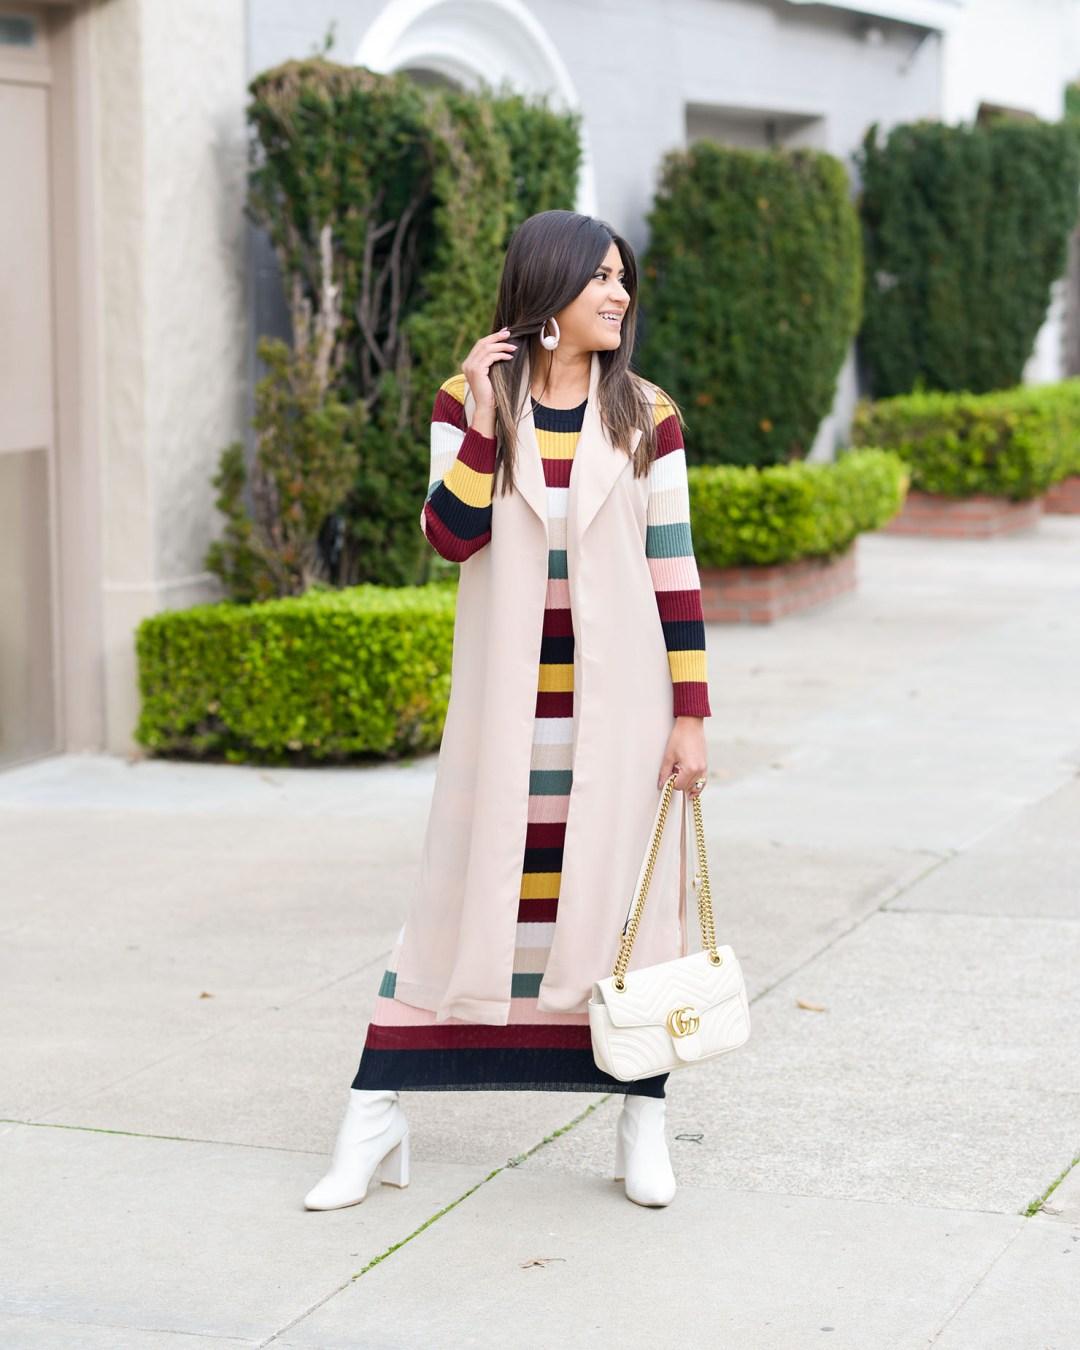 Lifestyle blogger Kelsey Kaplan of Kelsey Kaplan Fashion wearing Stripe sweater dress and white Stuart Weitzman boots